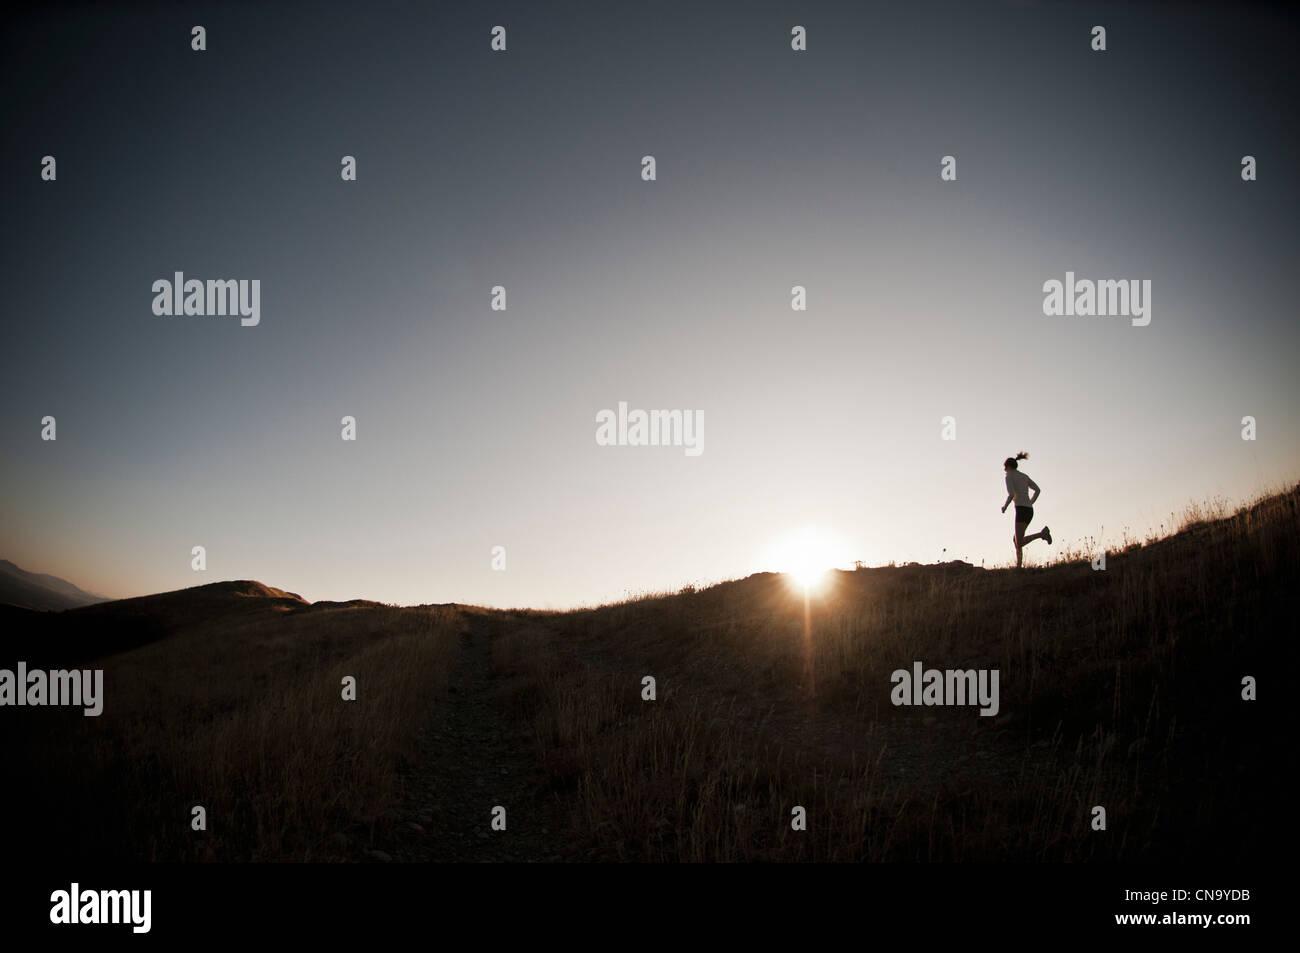 Frau läuft auf Feldweg Stockbild